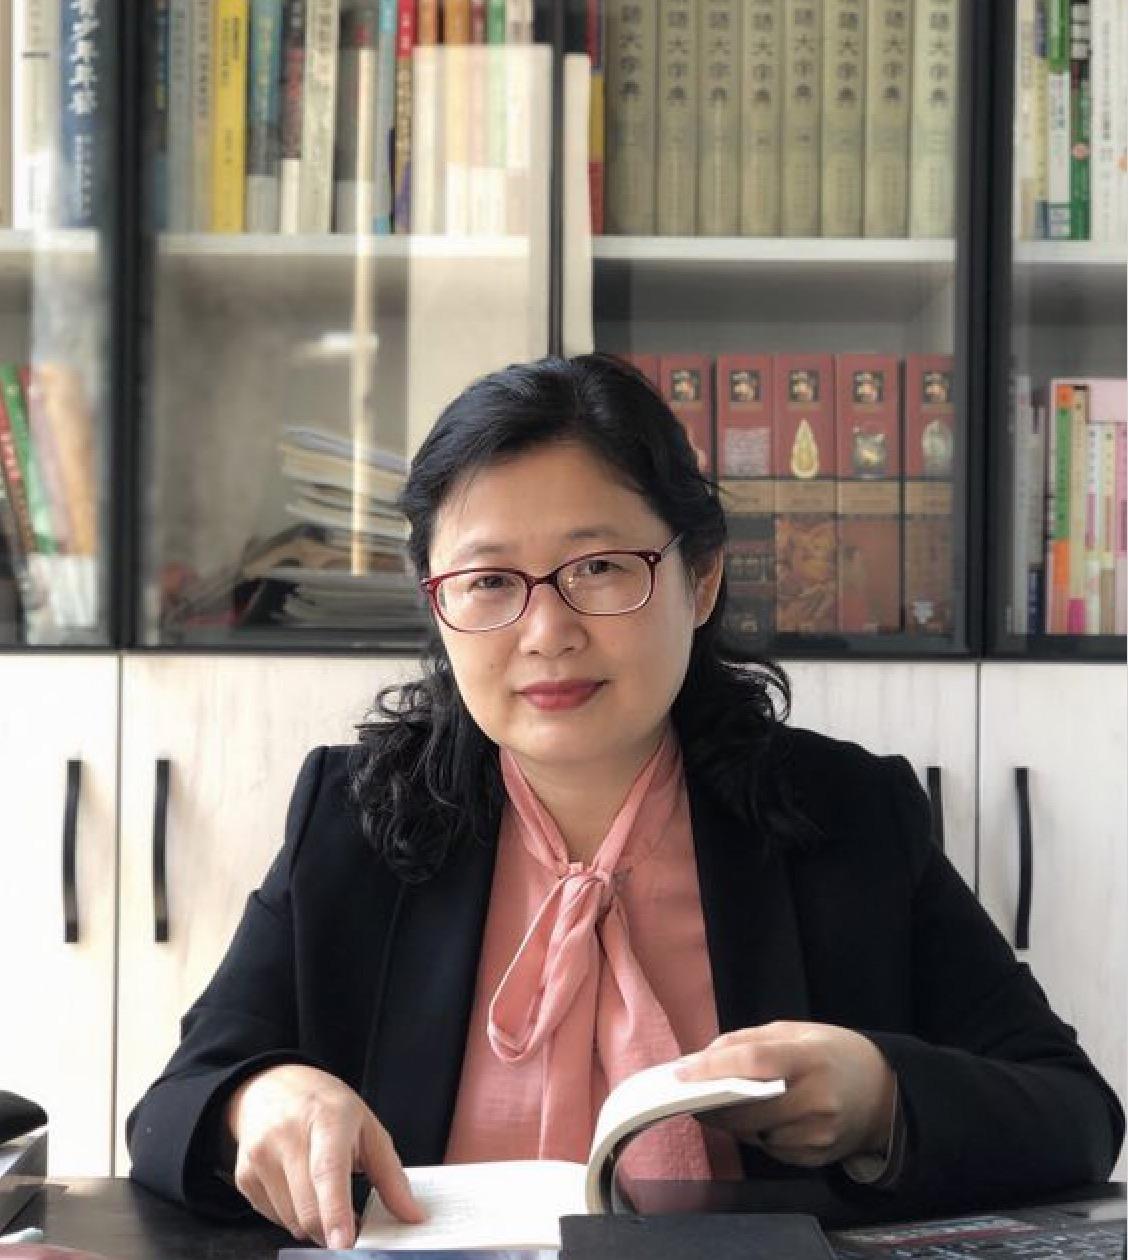 推进品牌战略 打造科幻精品——访四川科学技术出版社社长钱丹凝